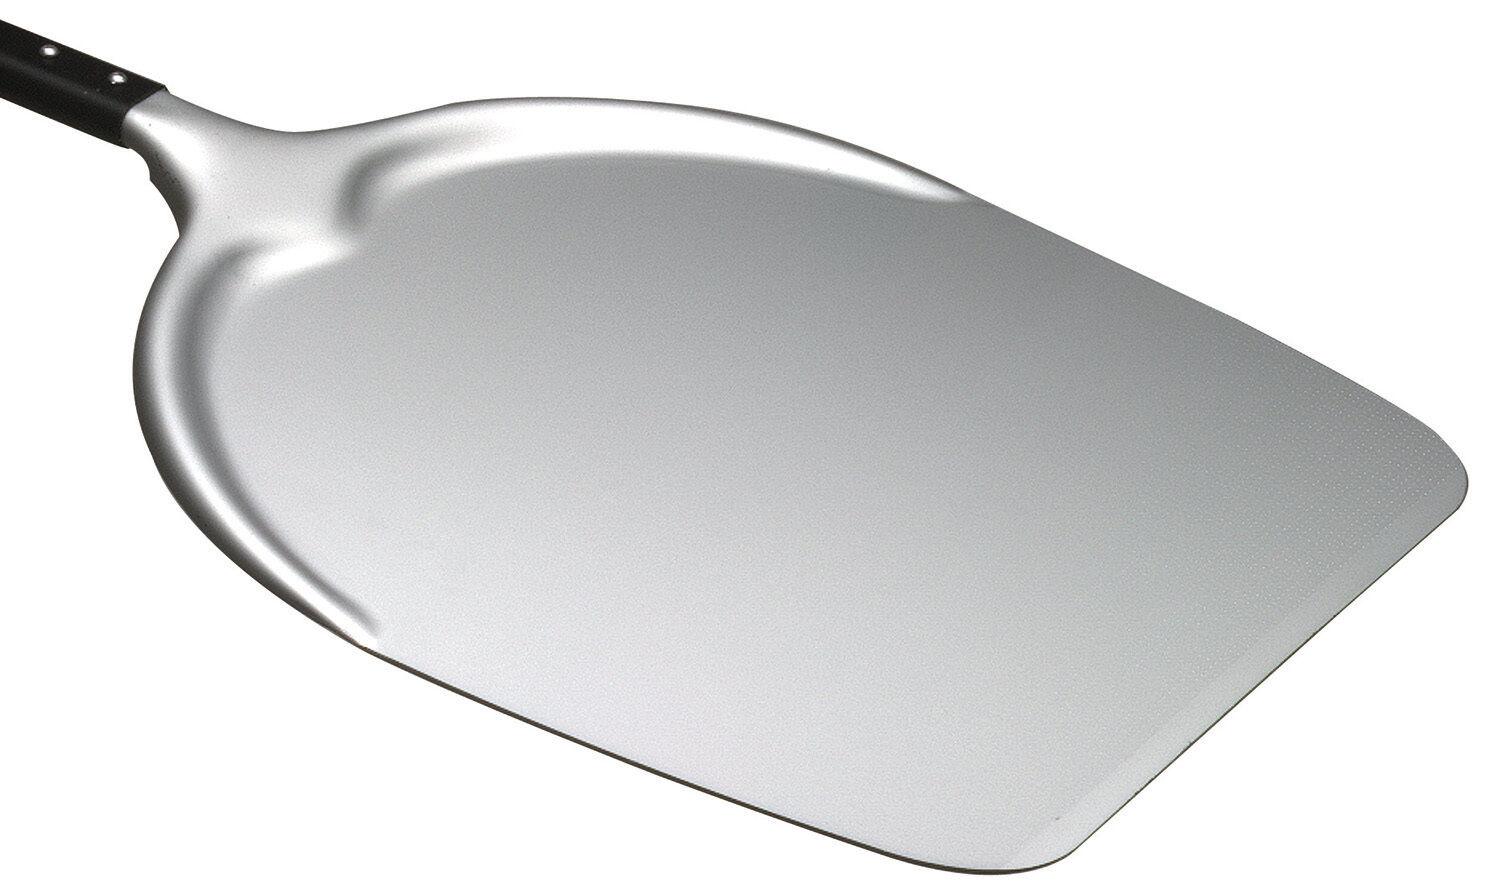 Piazza Pala per infornare manico alluminio 36x36 cm